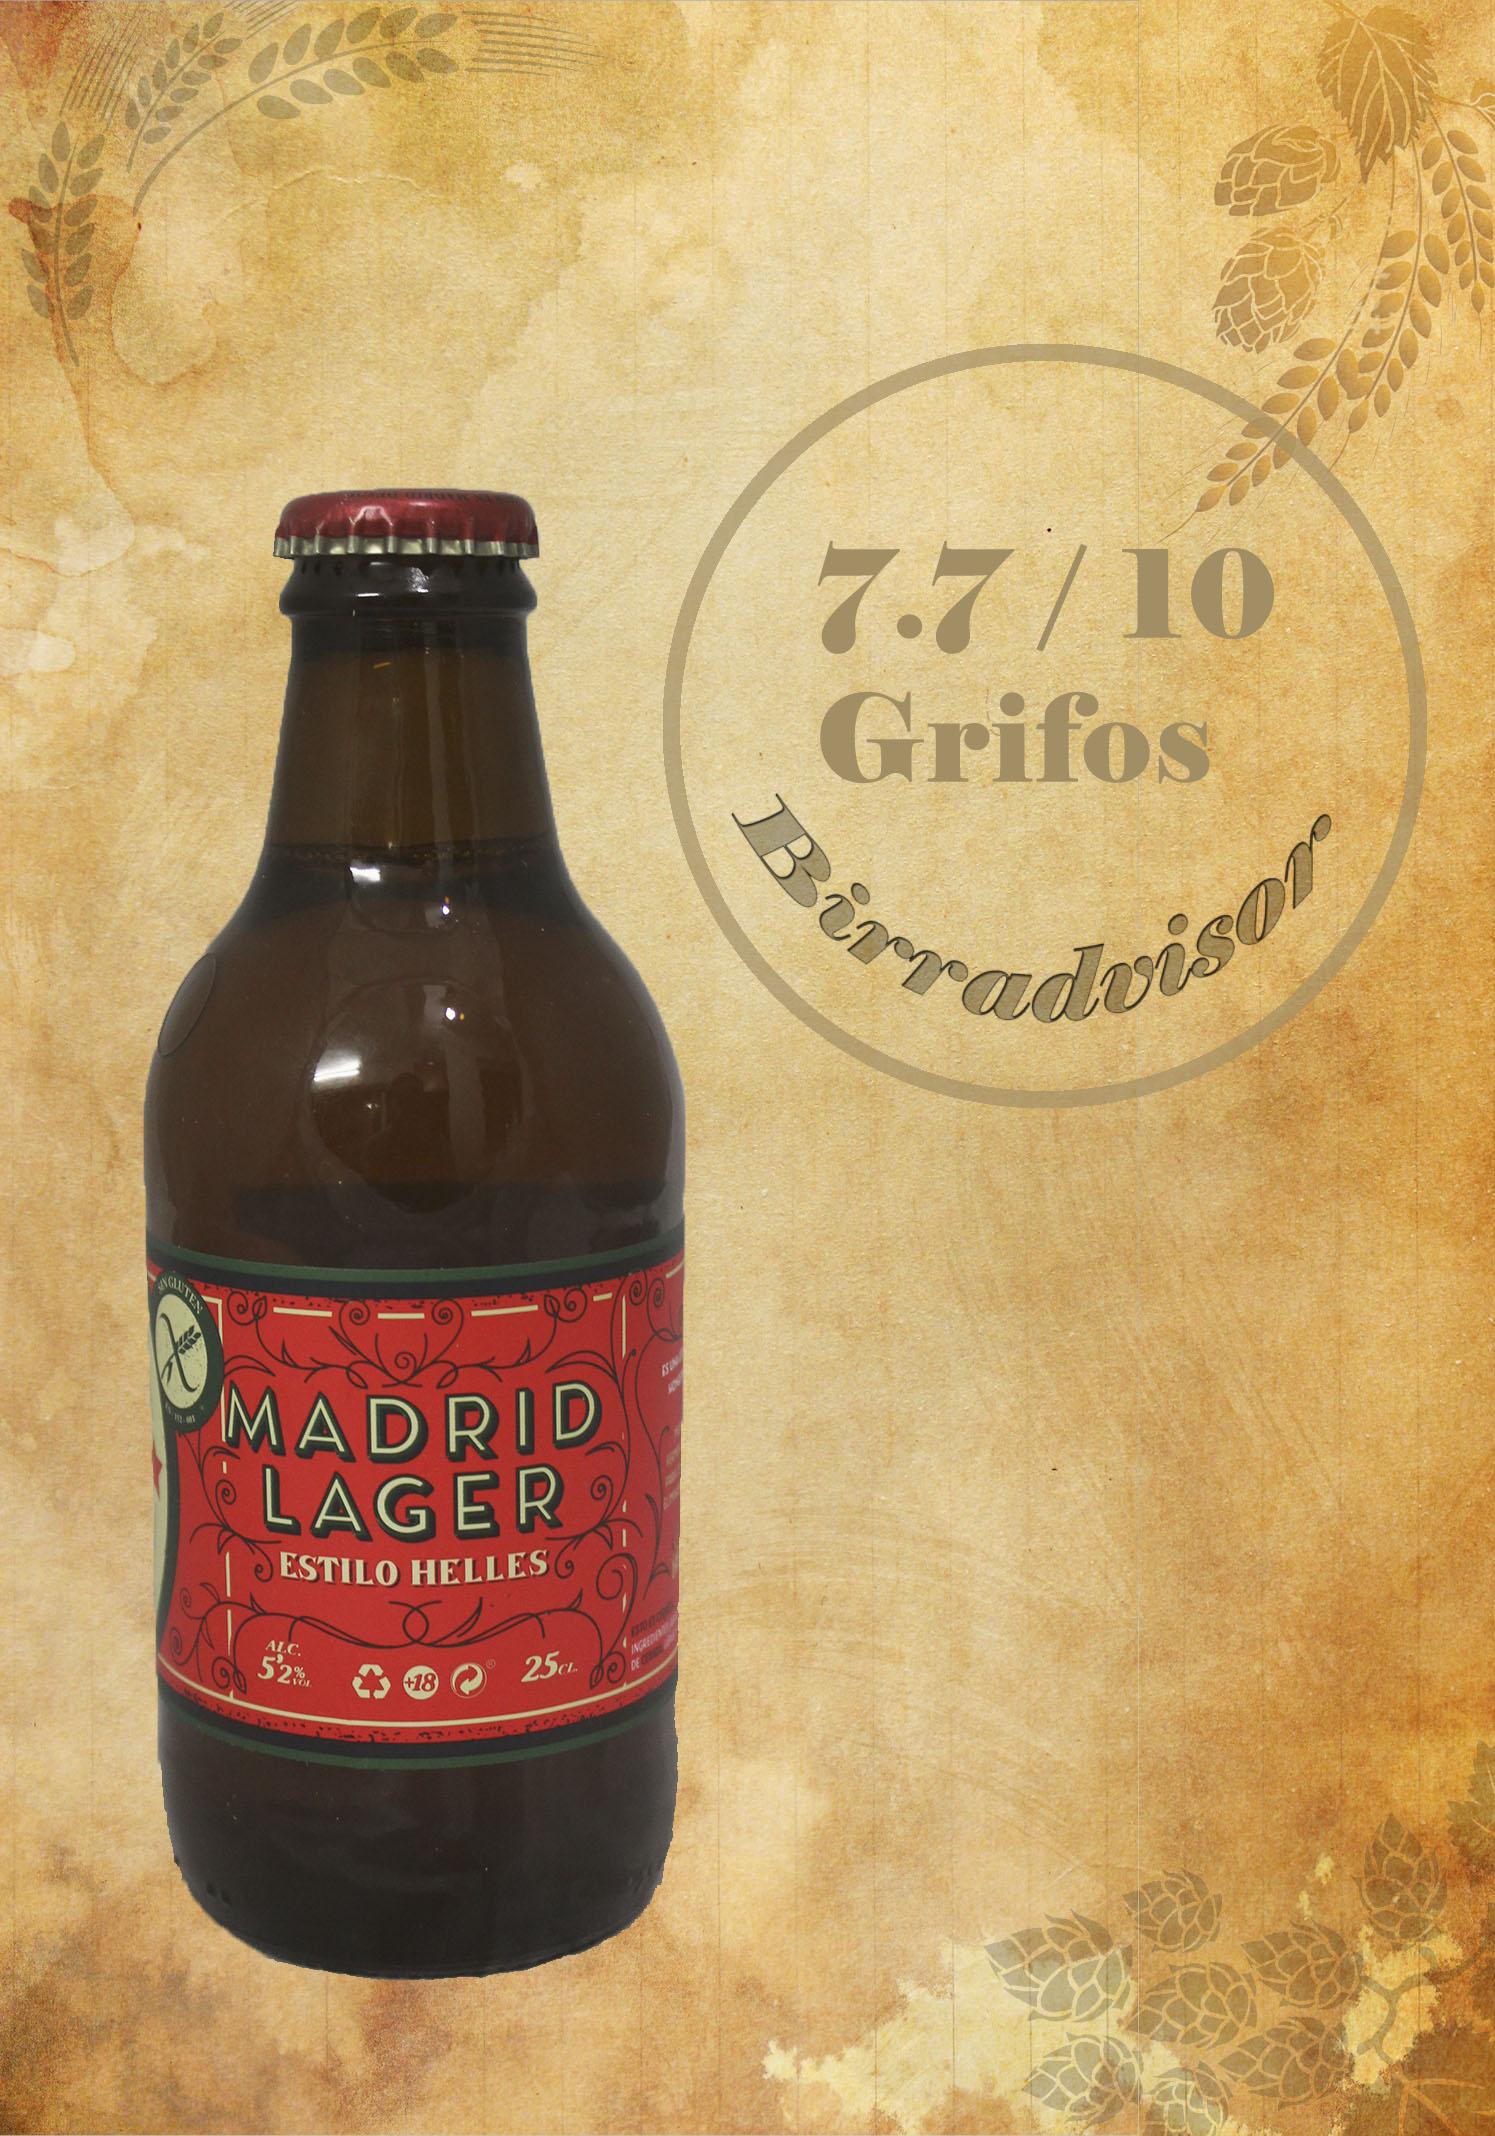 Cerveza la virgen (madrid lager).jpg